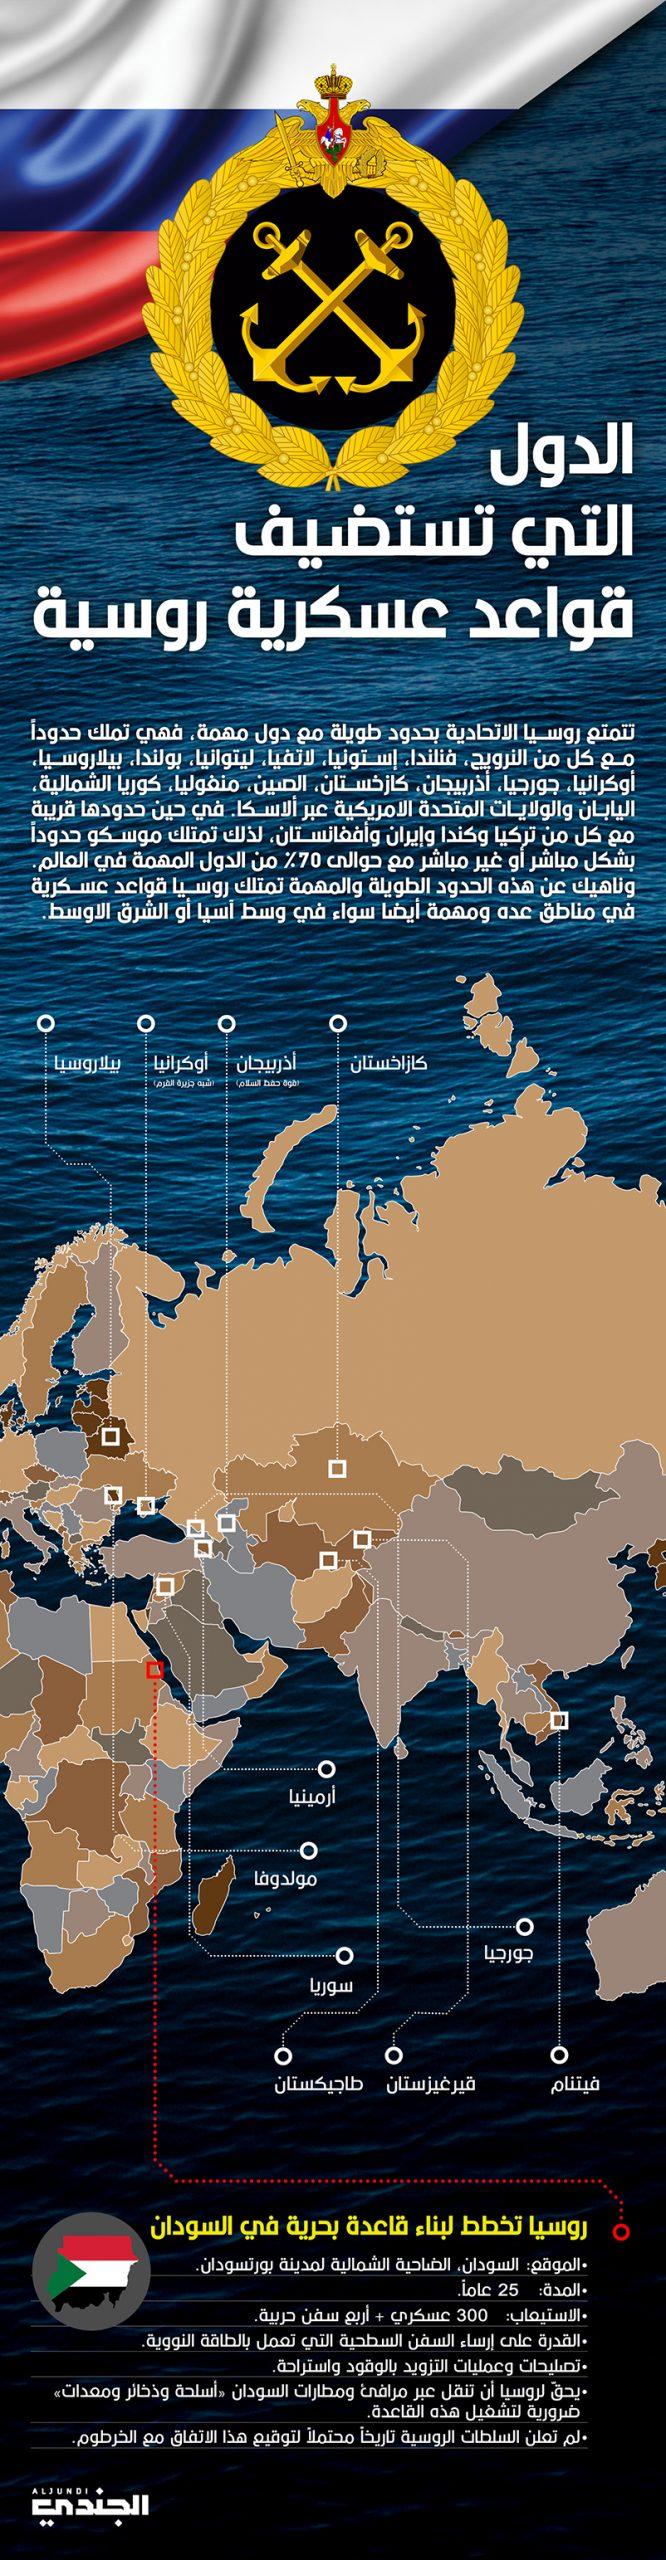 الدول التي تستضيف قواعد عسكرية روسية